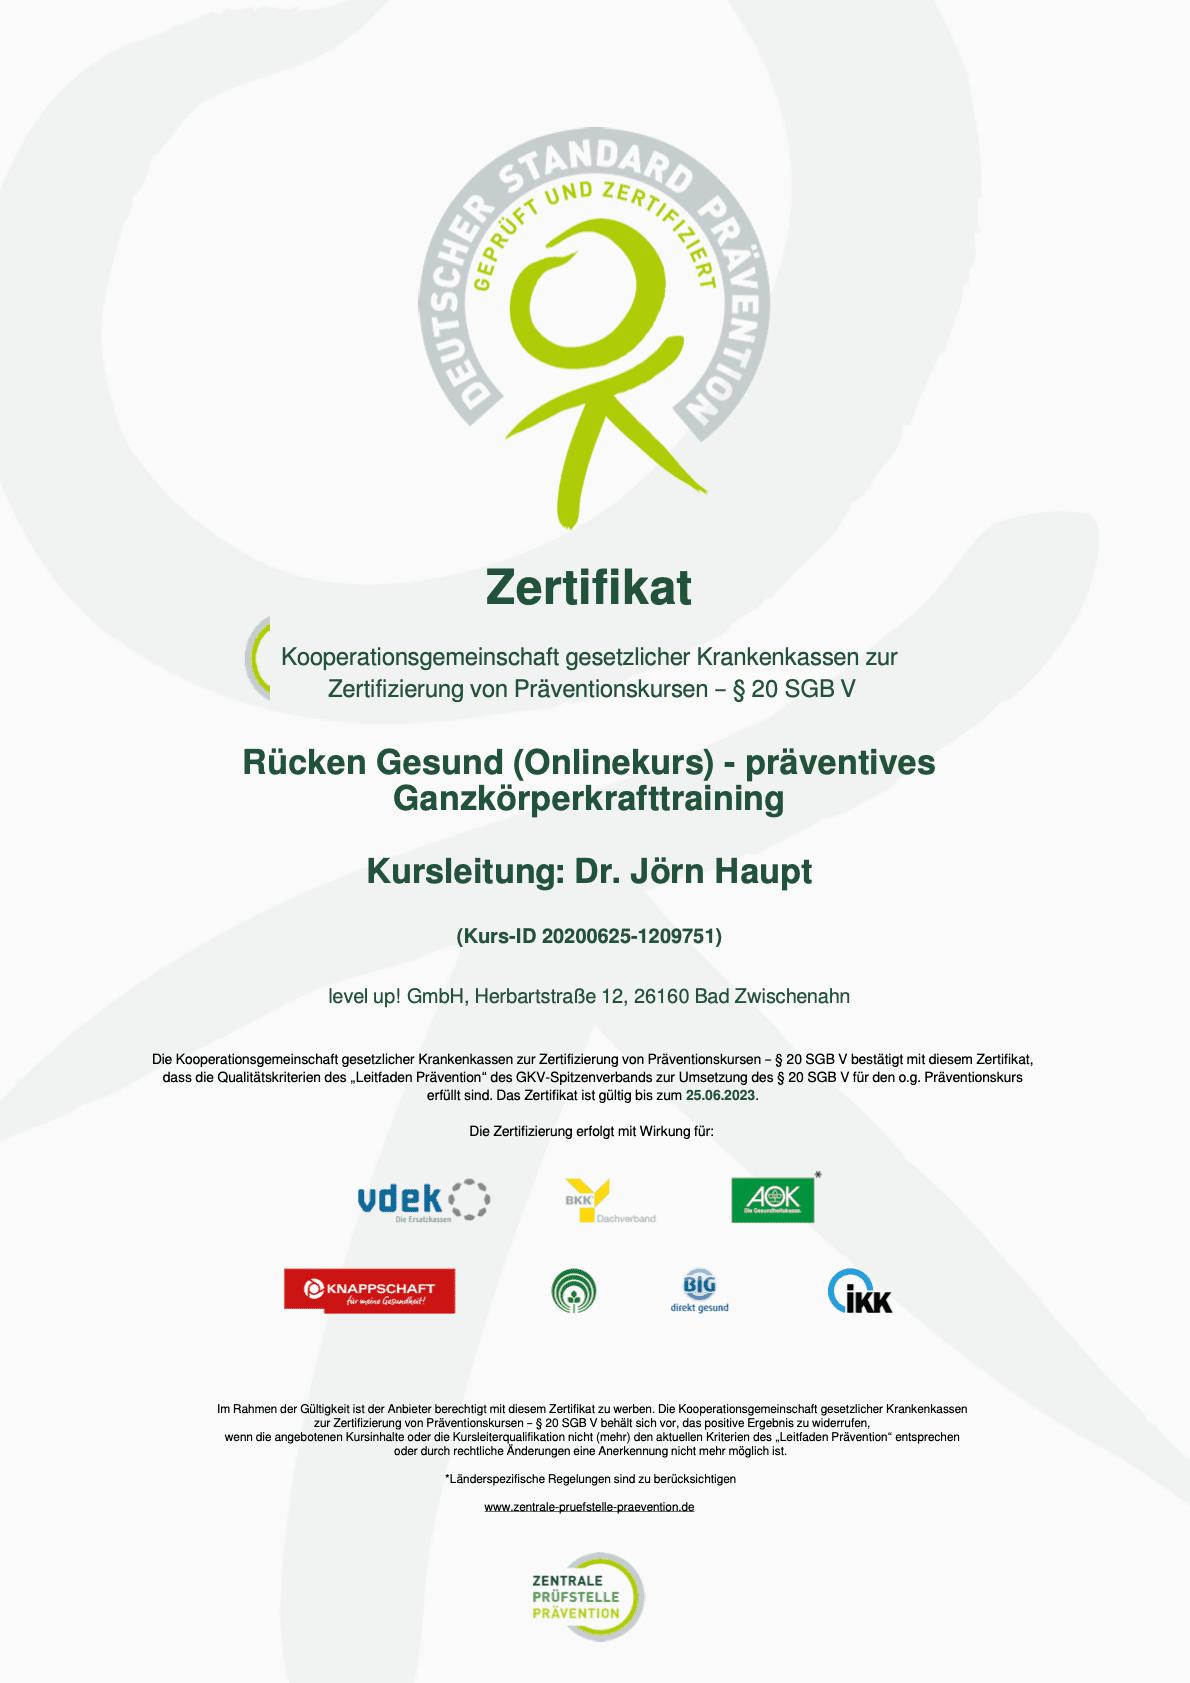 Zertifikat-Rücken-Gesund-Onlinekurs-Zentrale-Prüfstelle-Prävention